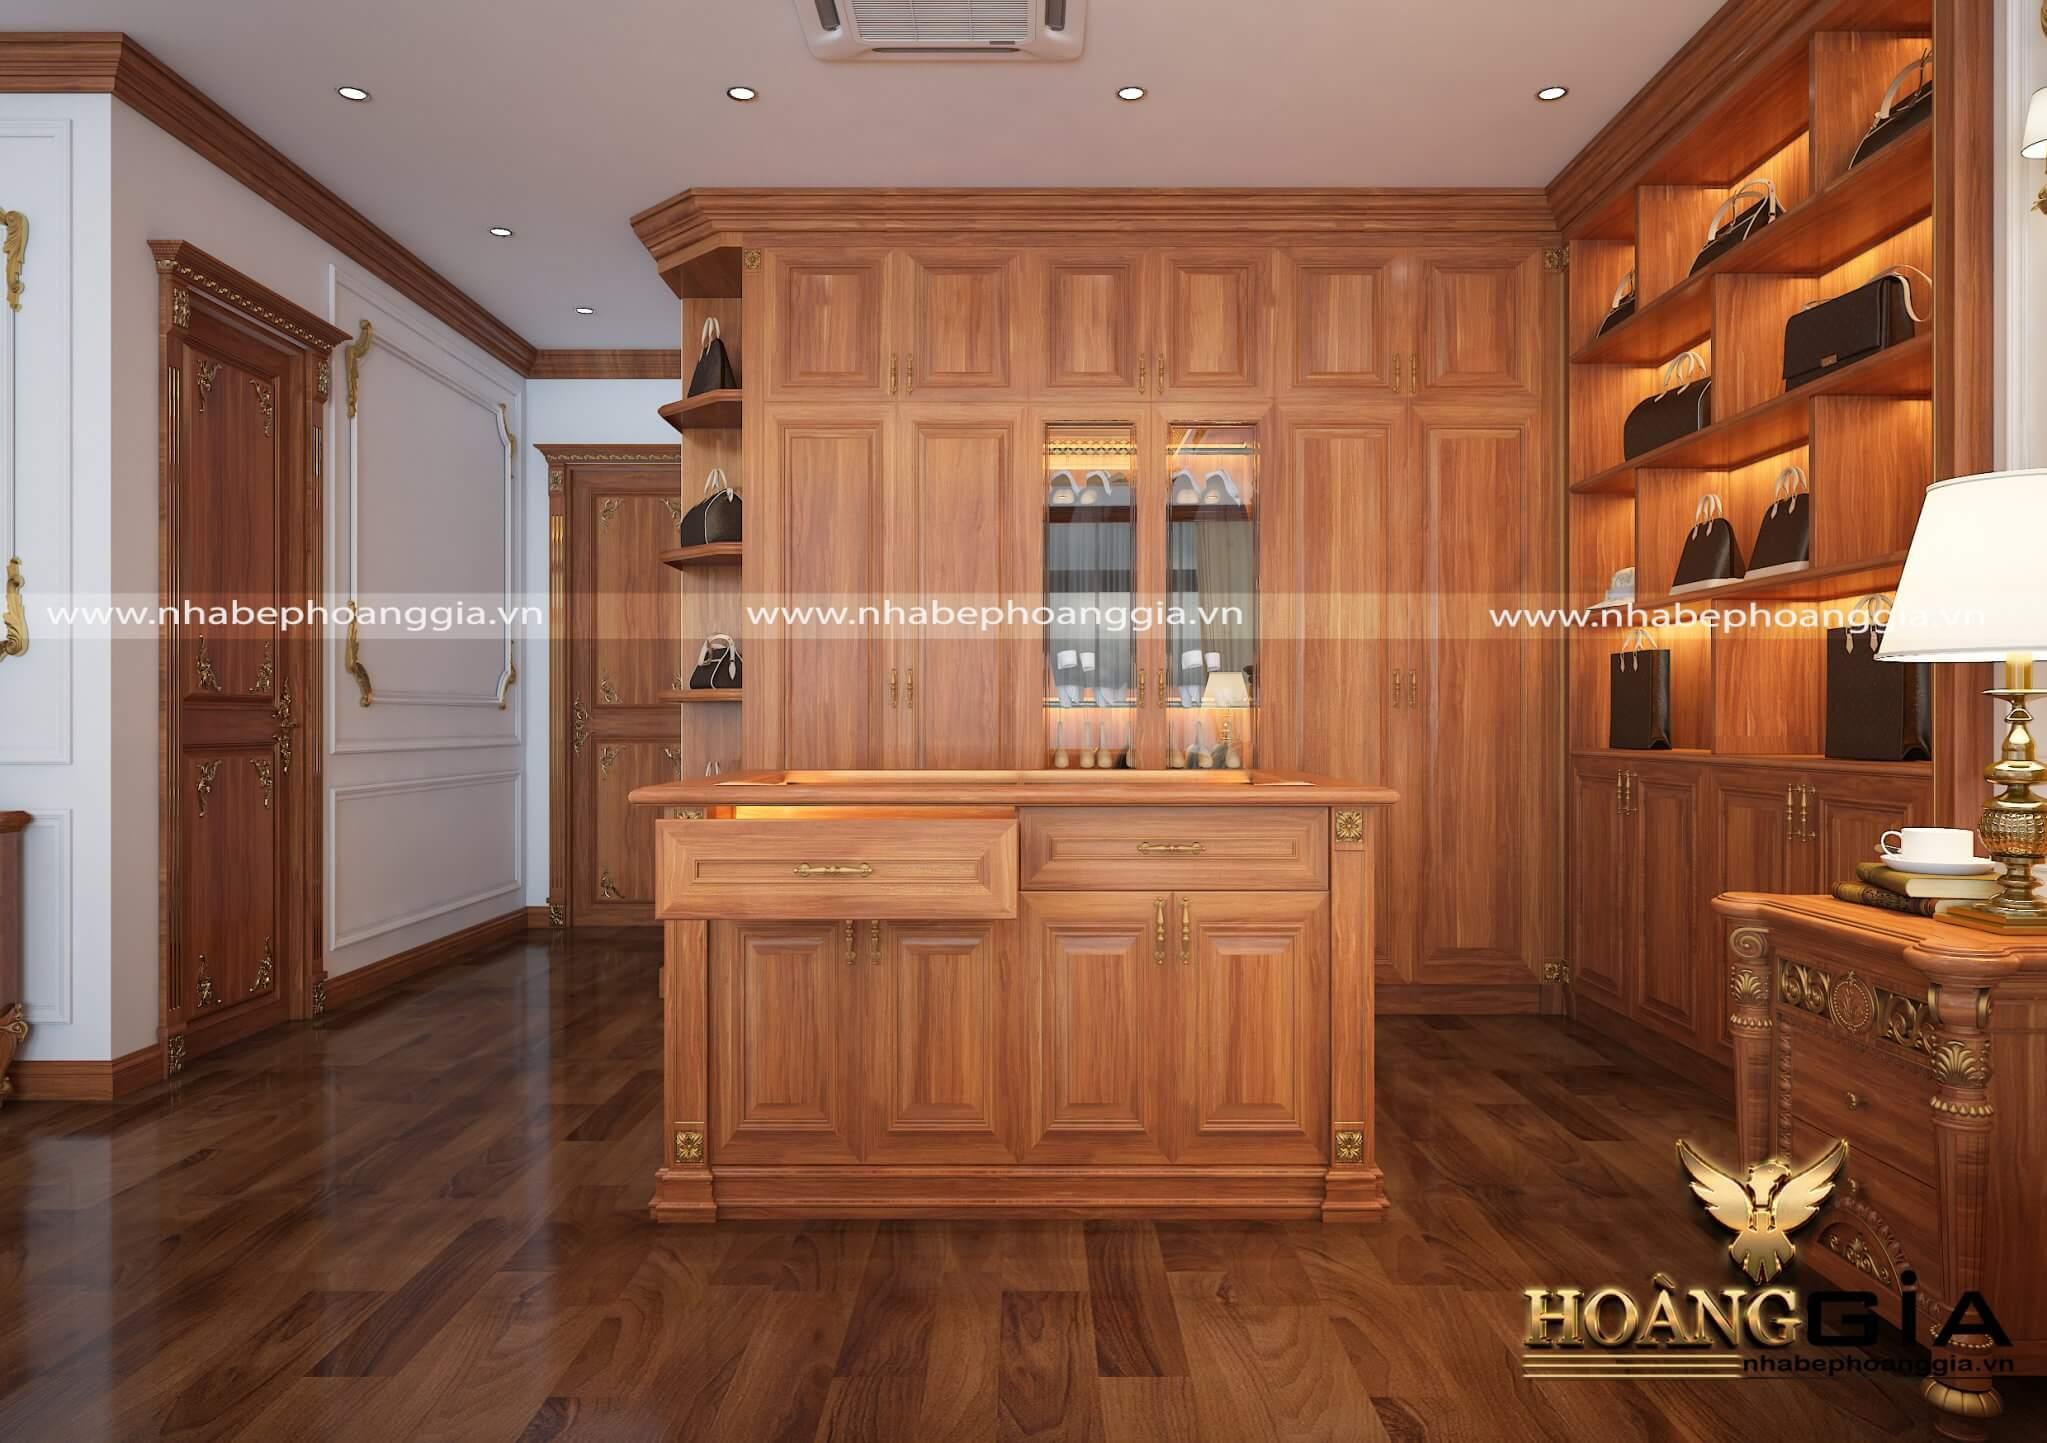 chống mối mọt cho nội thất gỗ